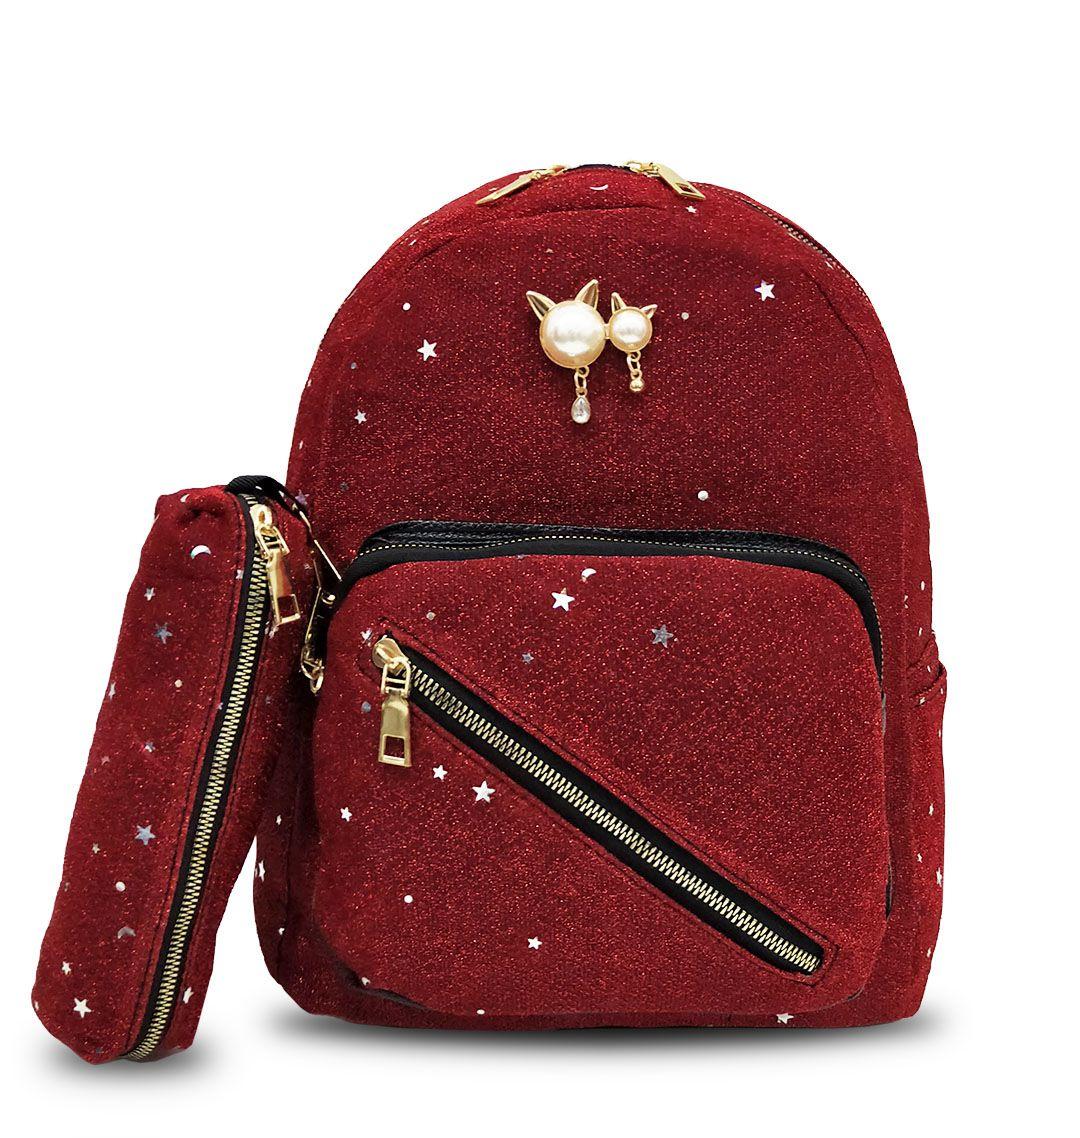 Mochila Feminina Pequena Brilhante Com Estojo Moda Vermelha